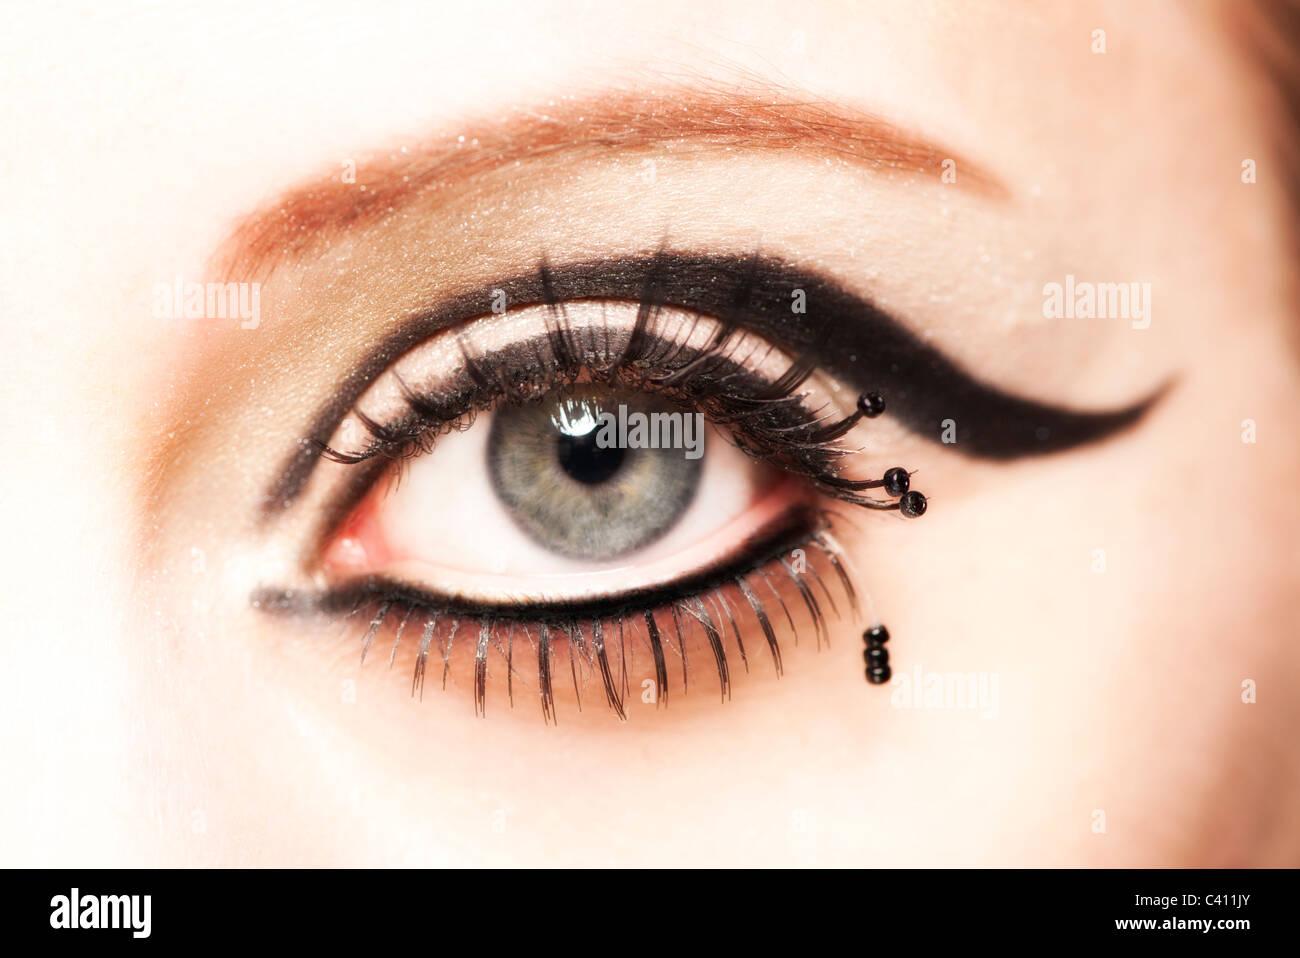 Nahaufnahme eines Auges mit falschen Wimpern Stockbild